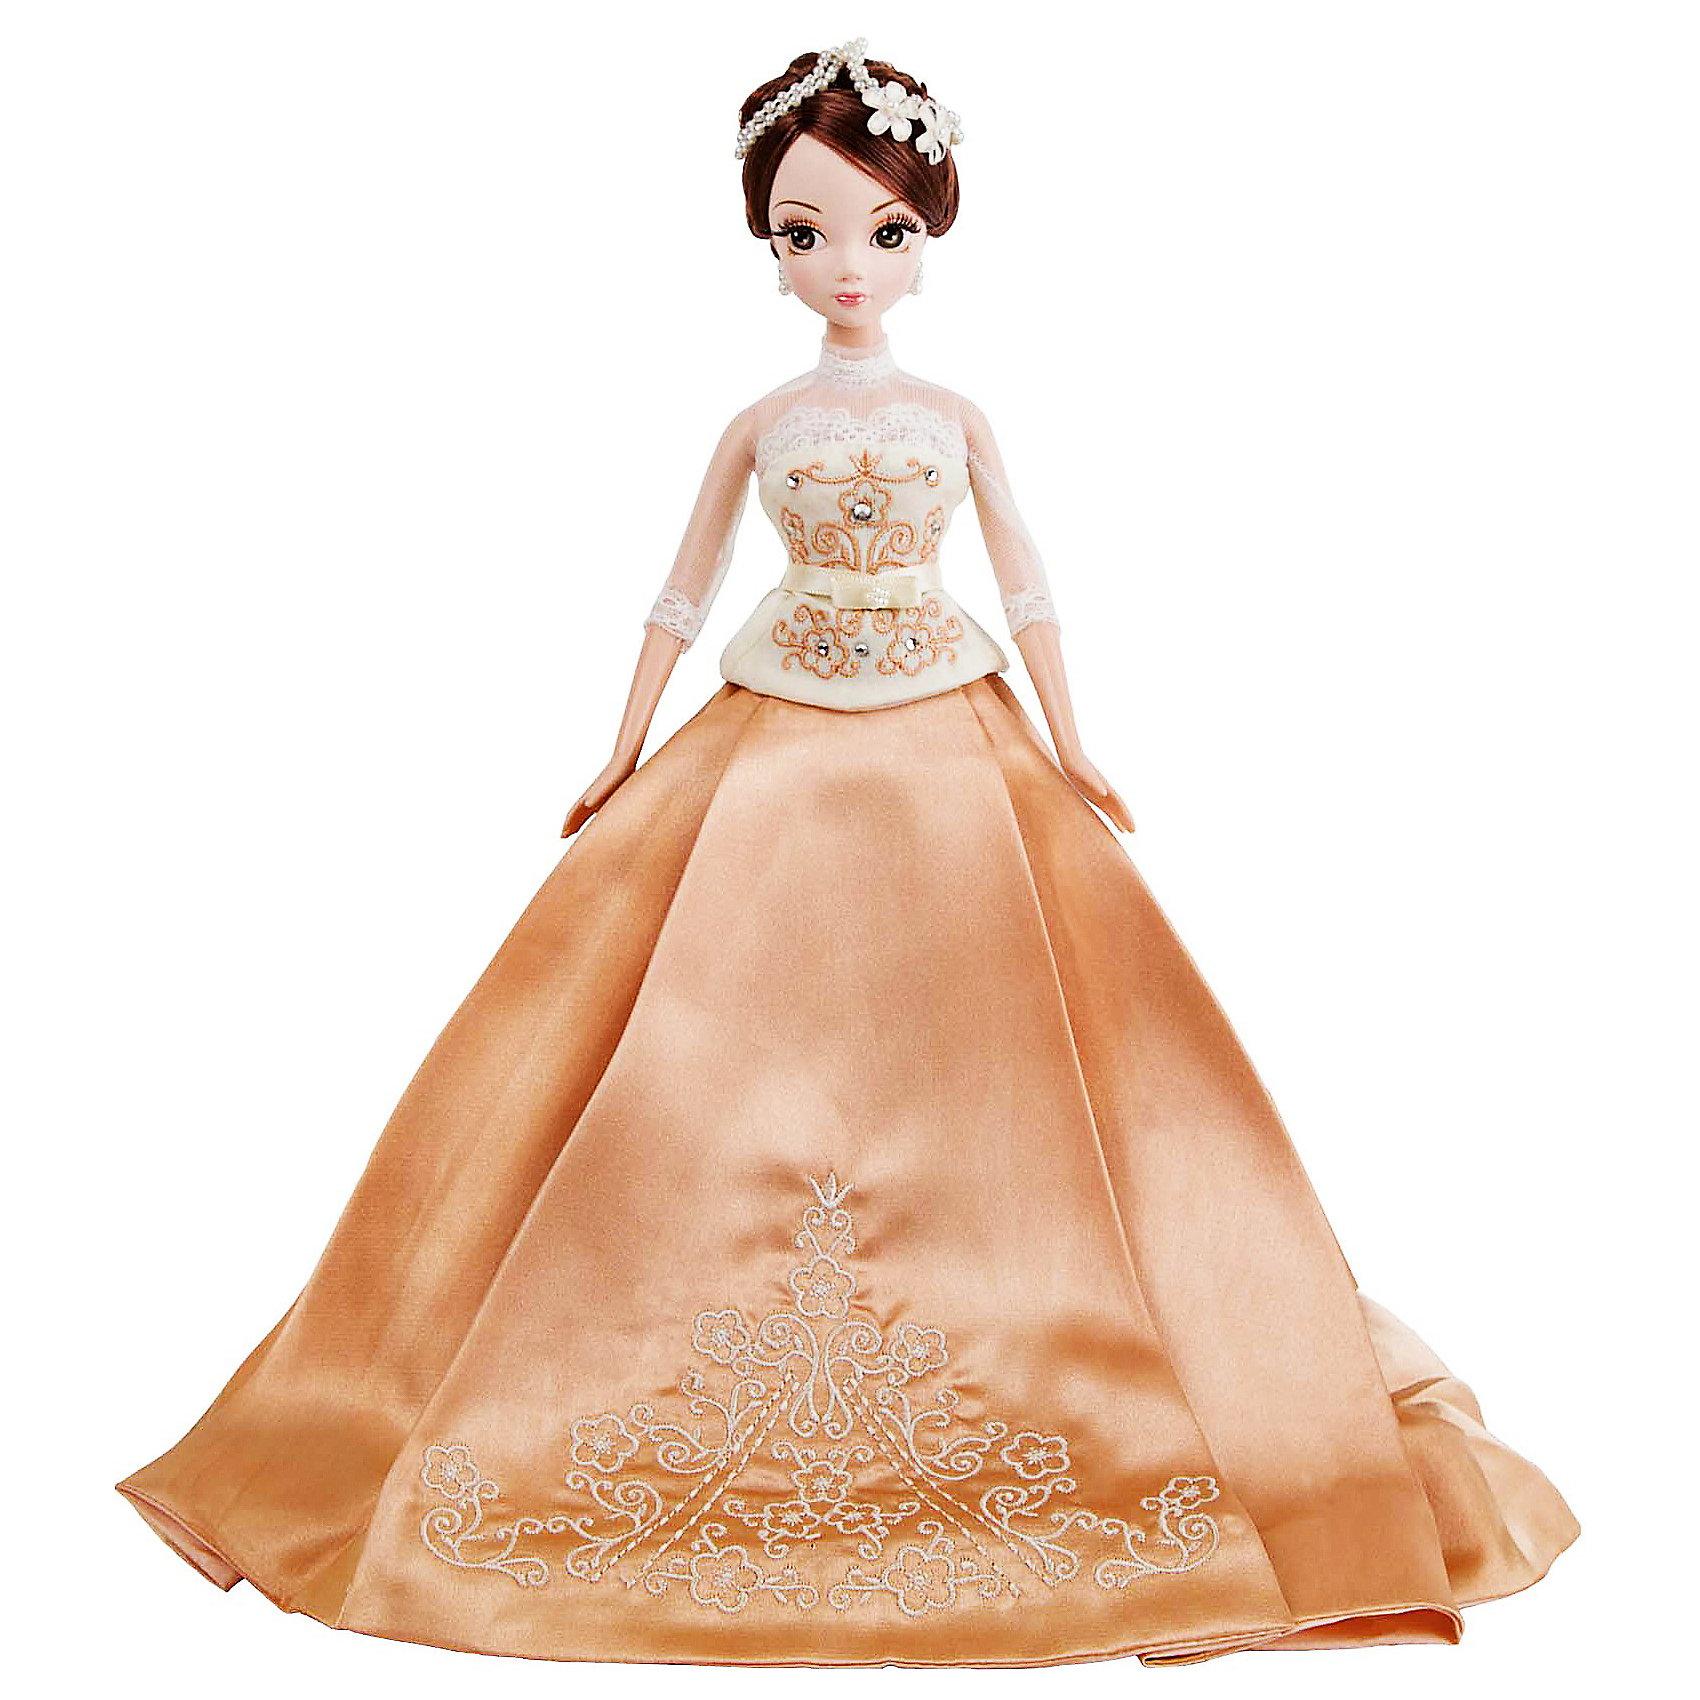 Кукла Крем-брюле Золотая коллекция, Sonya RoseПрекрасная куколка в красивом платье.  Имеет пропорциональное тело и тонкие черты лица. Большие глаза опушены шикарными ресницами. Кукла одета в платье цвета  крем- брюле с атласной длинной юбкой и обтягивающим лифом. Рукава платья выполнены из прозрачного материала и декорированы нежным кружевом. Лиф декорирован  тесьмой и стразами. Волосы цвета меди уложены в стильную прическу и украшены тиарой.  На ногах - маленькие изящные туфельки. Собери всех кукол серии, пусть они ходят друг к другу в гости, меняются аксессуарами и одеждой.<br><br>Дополнительная информация:<br><br>- Материал: пластик, текстиль<br>- Размер: 27 см<br>- Ножки, ручки, голова куклы - подвижные.<br><br>Куклу Зимняя сказка Золотая коллекция, Sonya Rose можно купить в нашем магазине.<br><br>Ширина мм: 270<br>Глубина мм: 80<br>Высота мм: 320<br>Вес г: 400<br>Возраст от месяцев: 36<br>Возраст до месяцев: 84<br>Пол: Женский<br>Возраст: Детский<br>SKU: 3861423